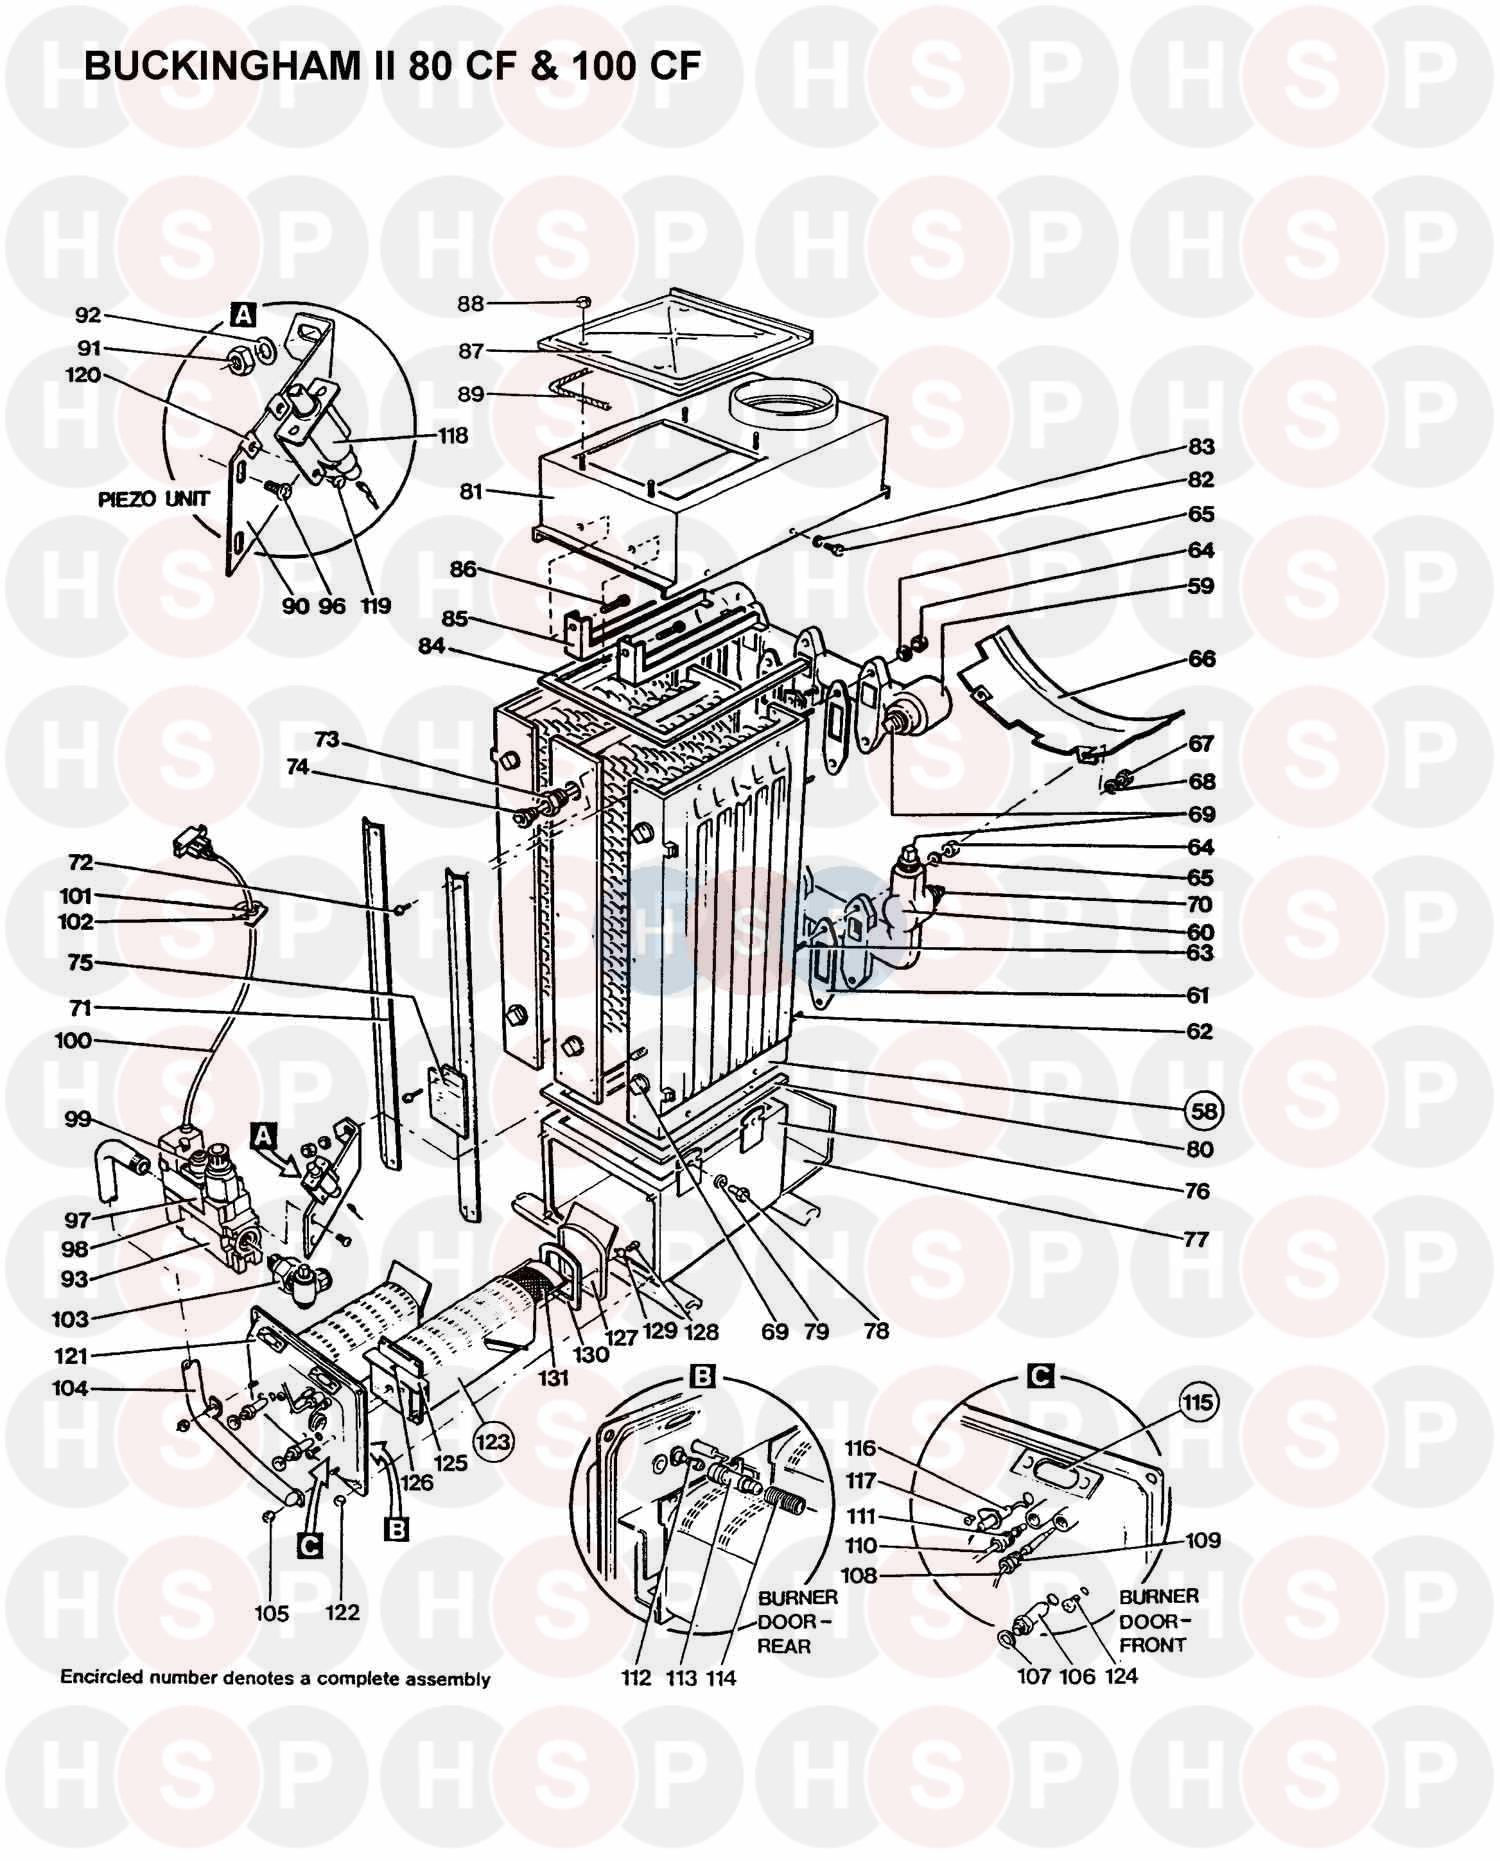 3 phase wiring diagrams 460 volt strip heat 480 volt 3 phase wiring diagram wiring diagram